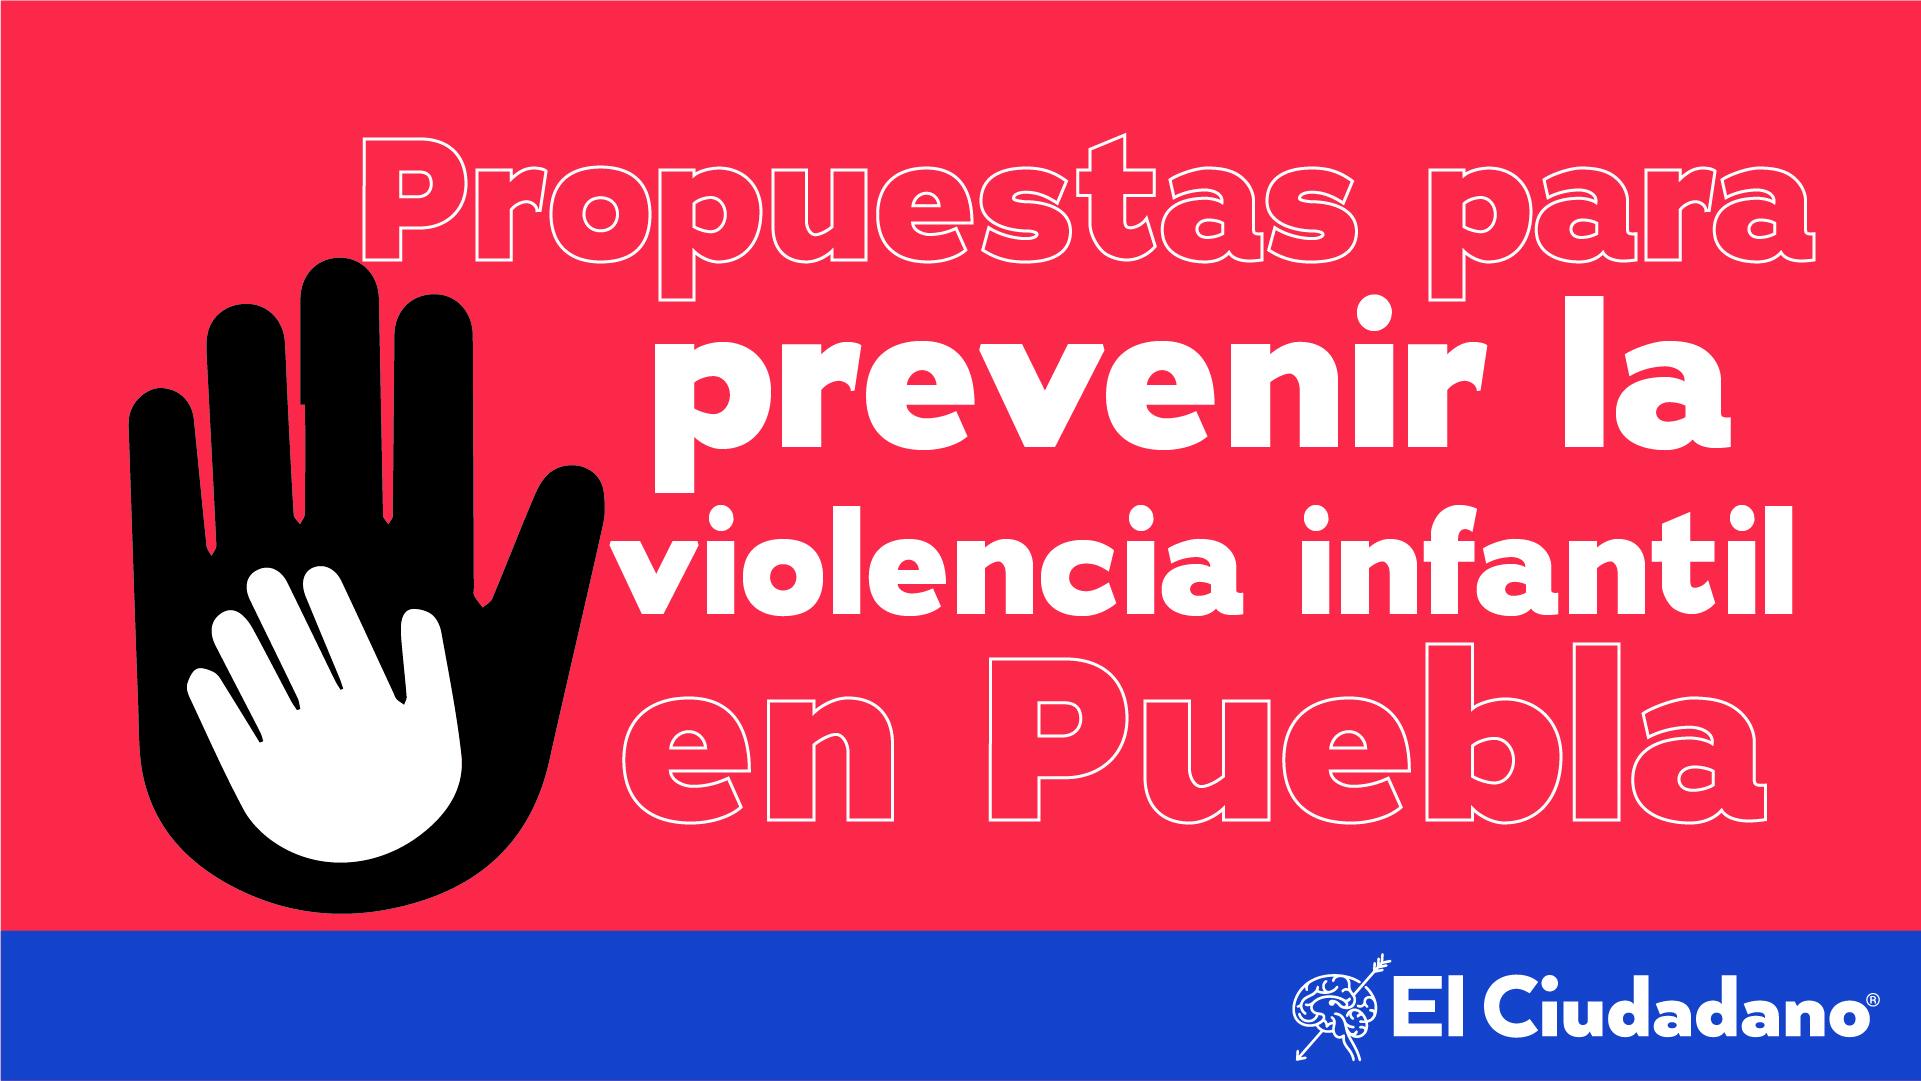 Propuestas para prevenir la violencia infantil en las escuelas de Puebla